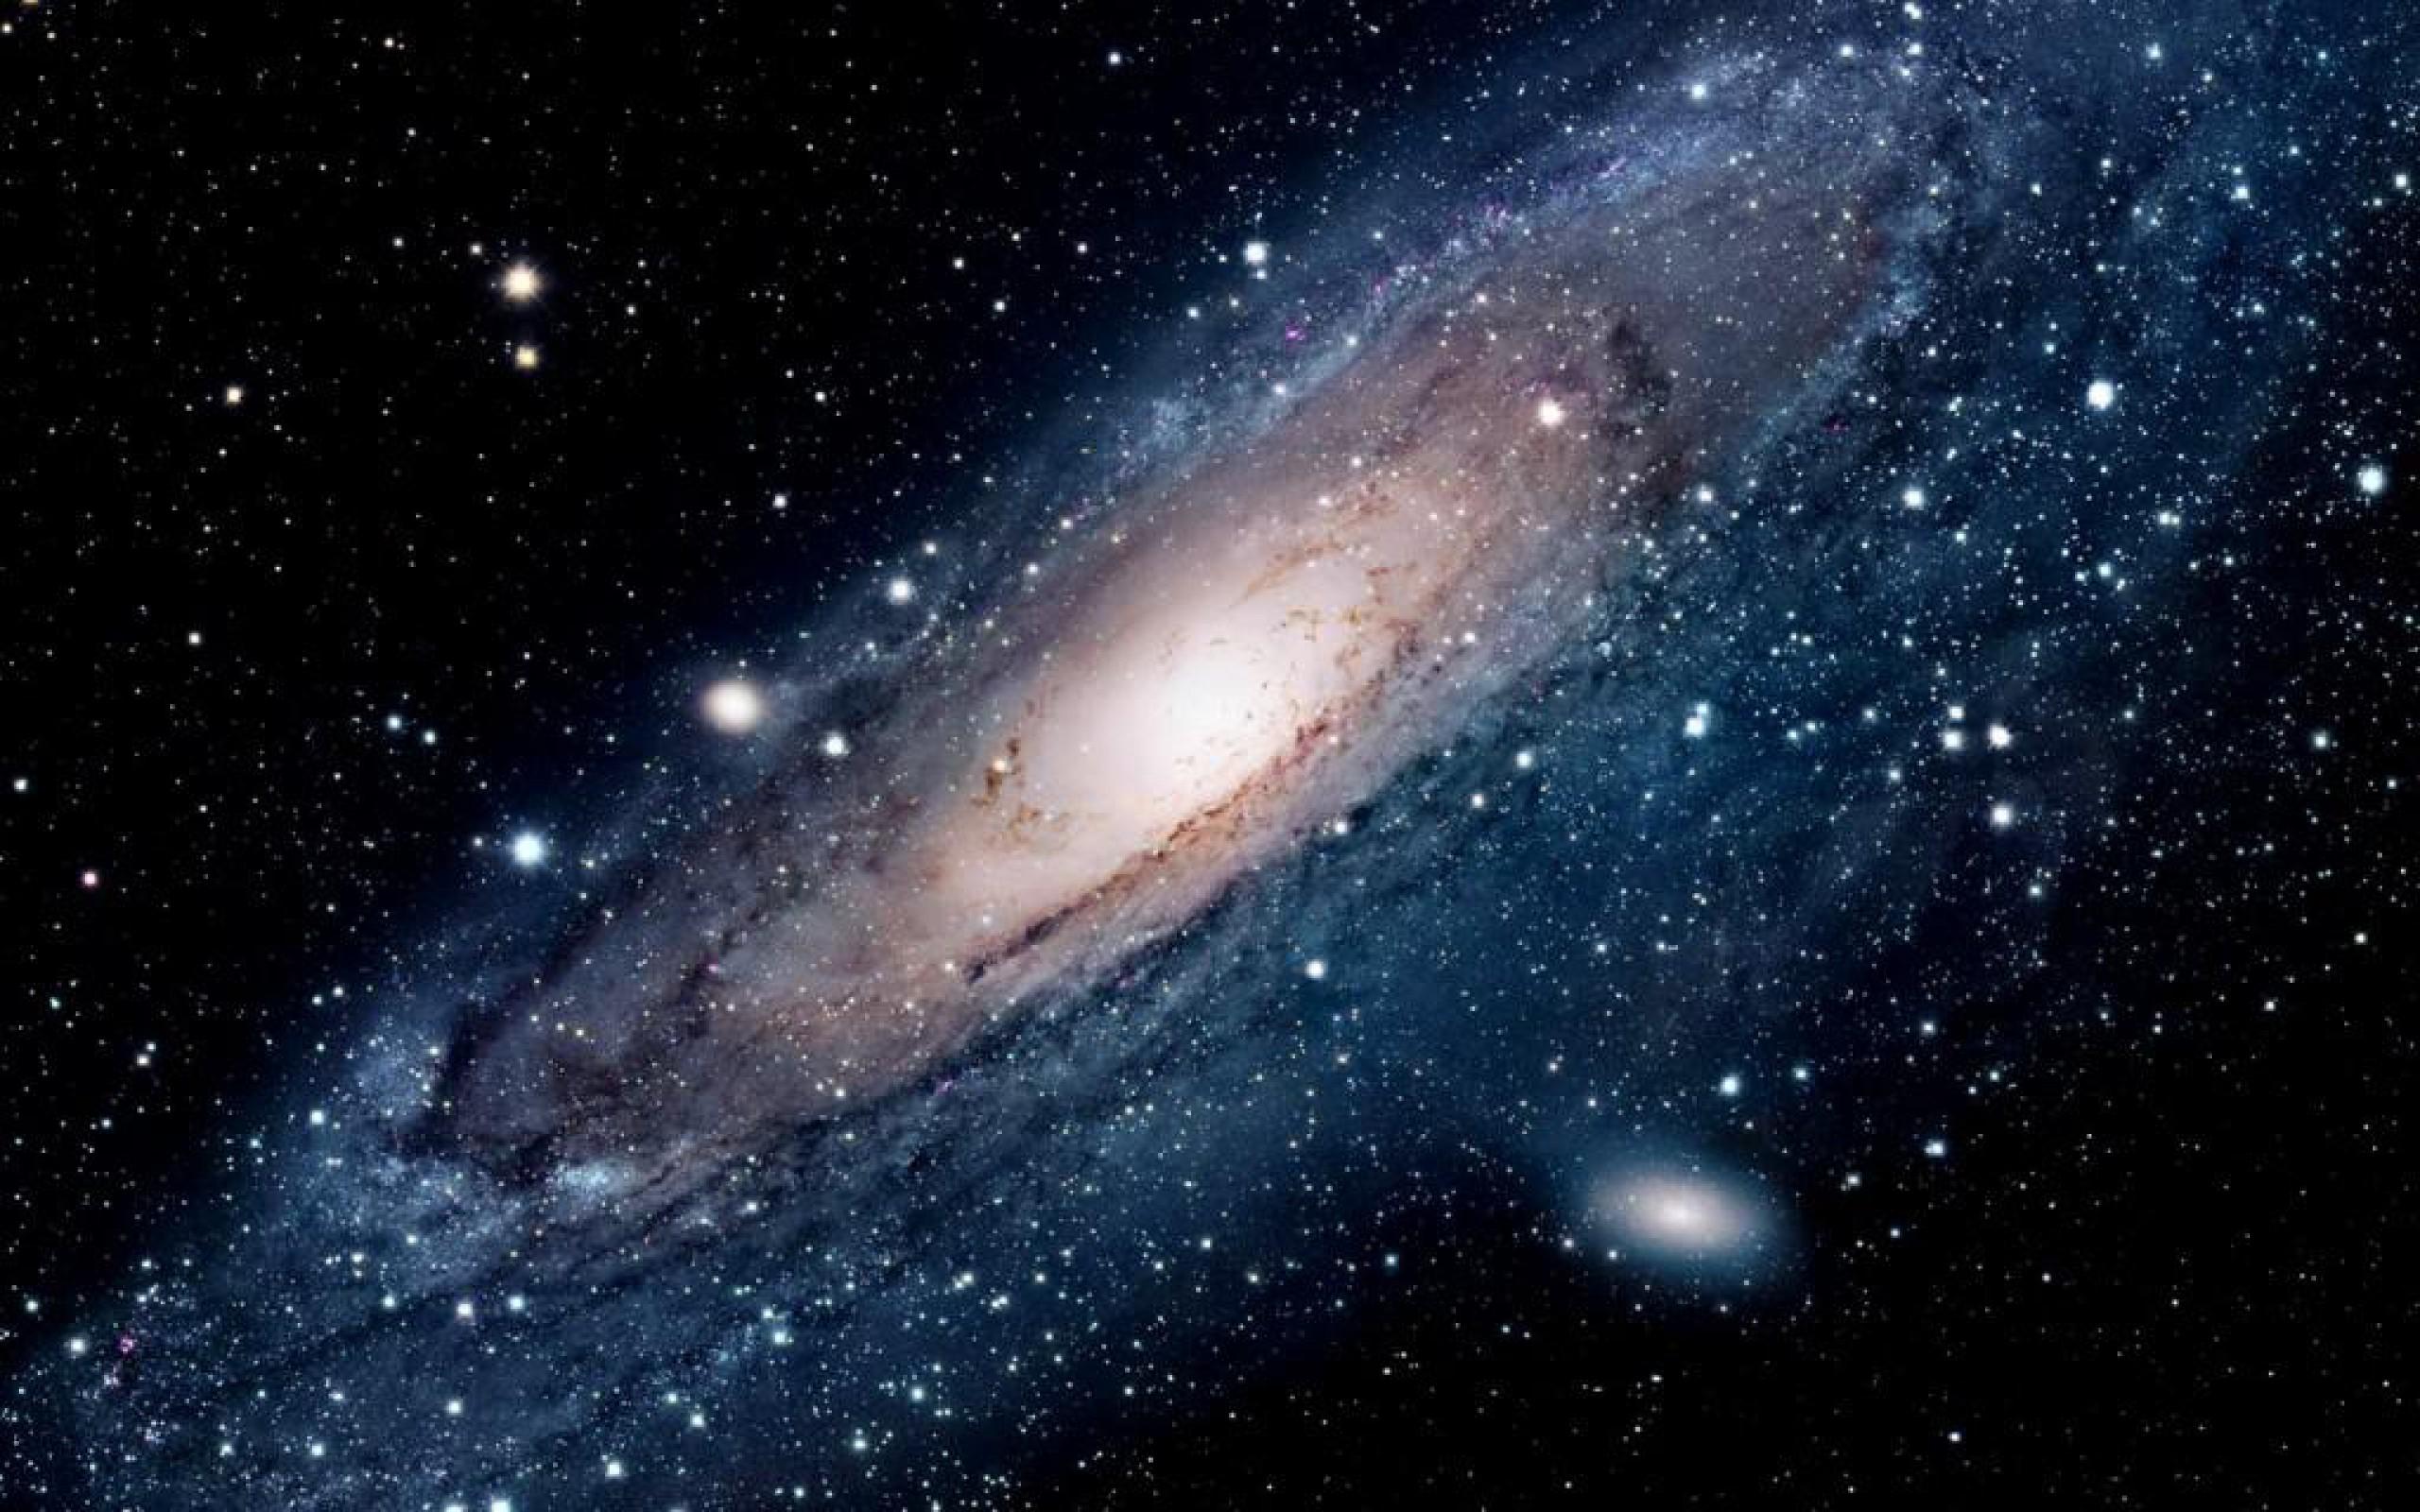 NASA Andromeda Galaxy Wallpaper – WallpaperSafari